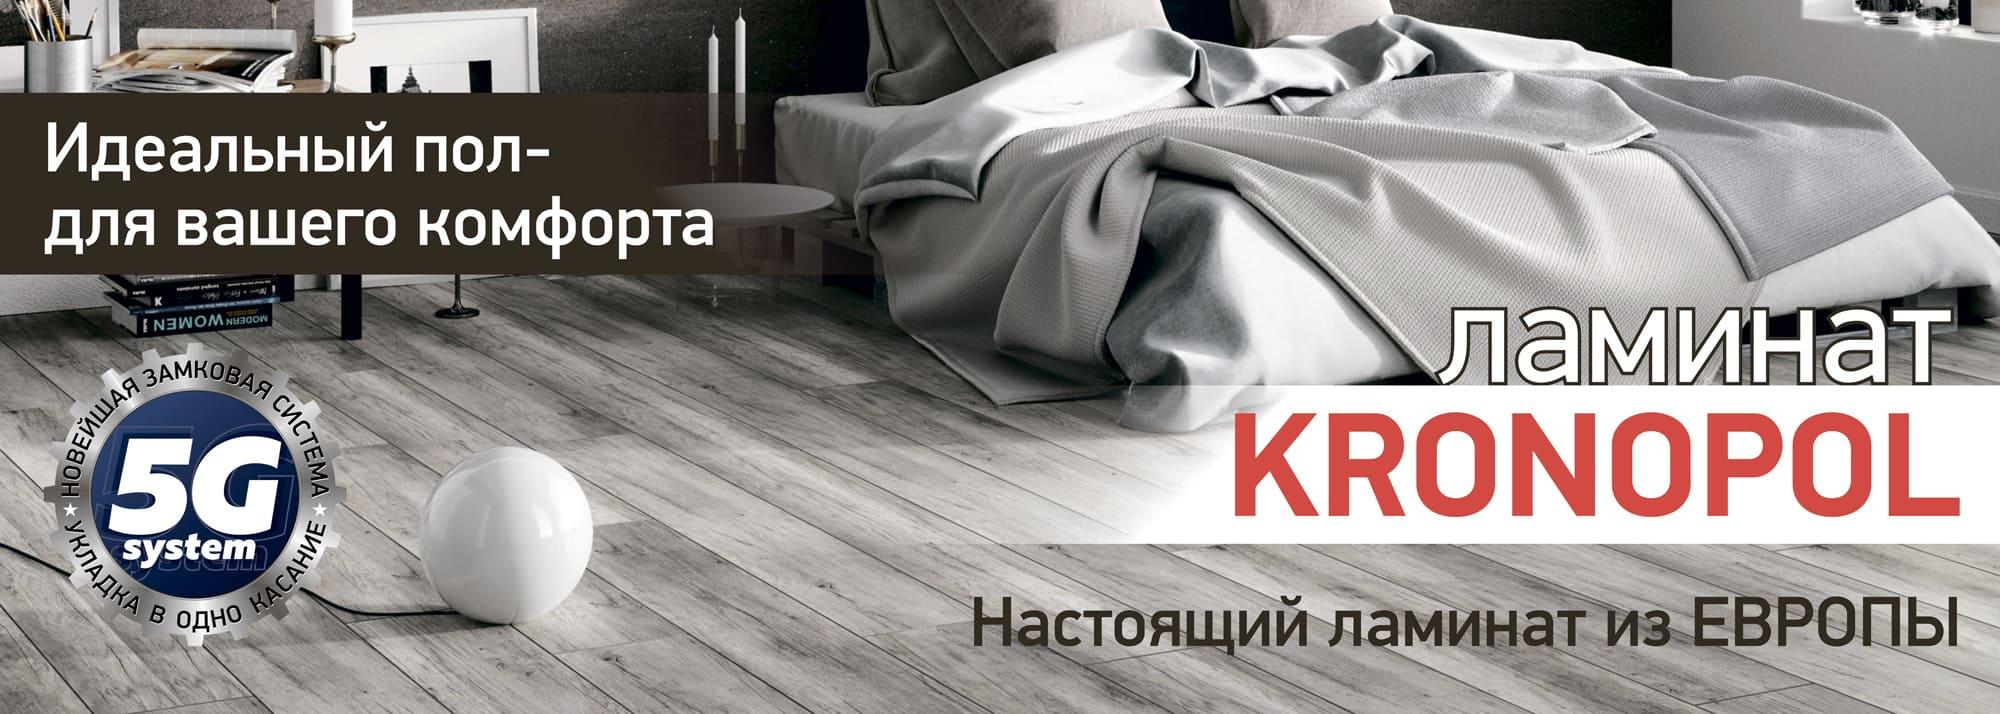 baner-glav-KRONOPOL-04